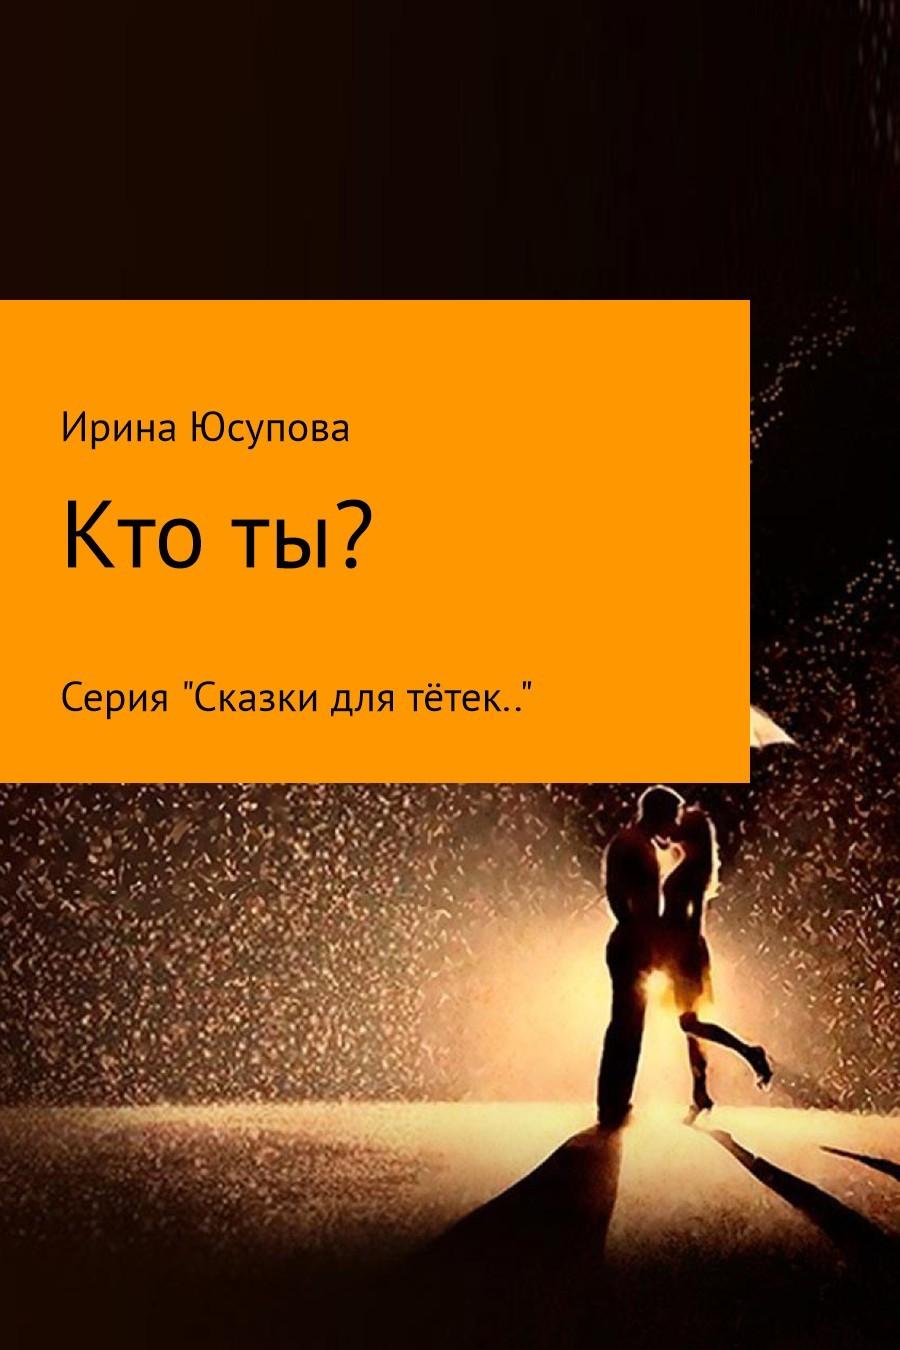 Ирина Юсупова - Кто ты?